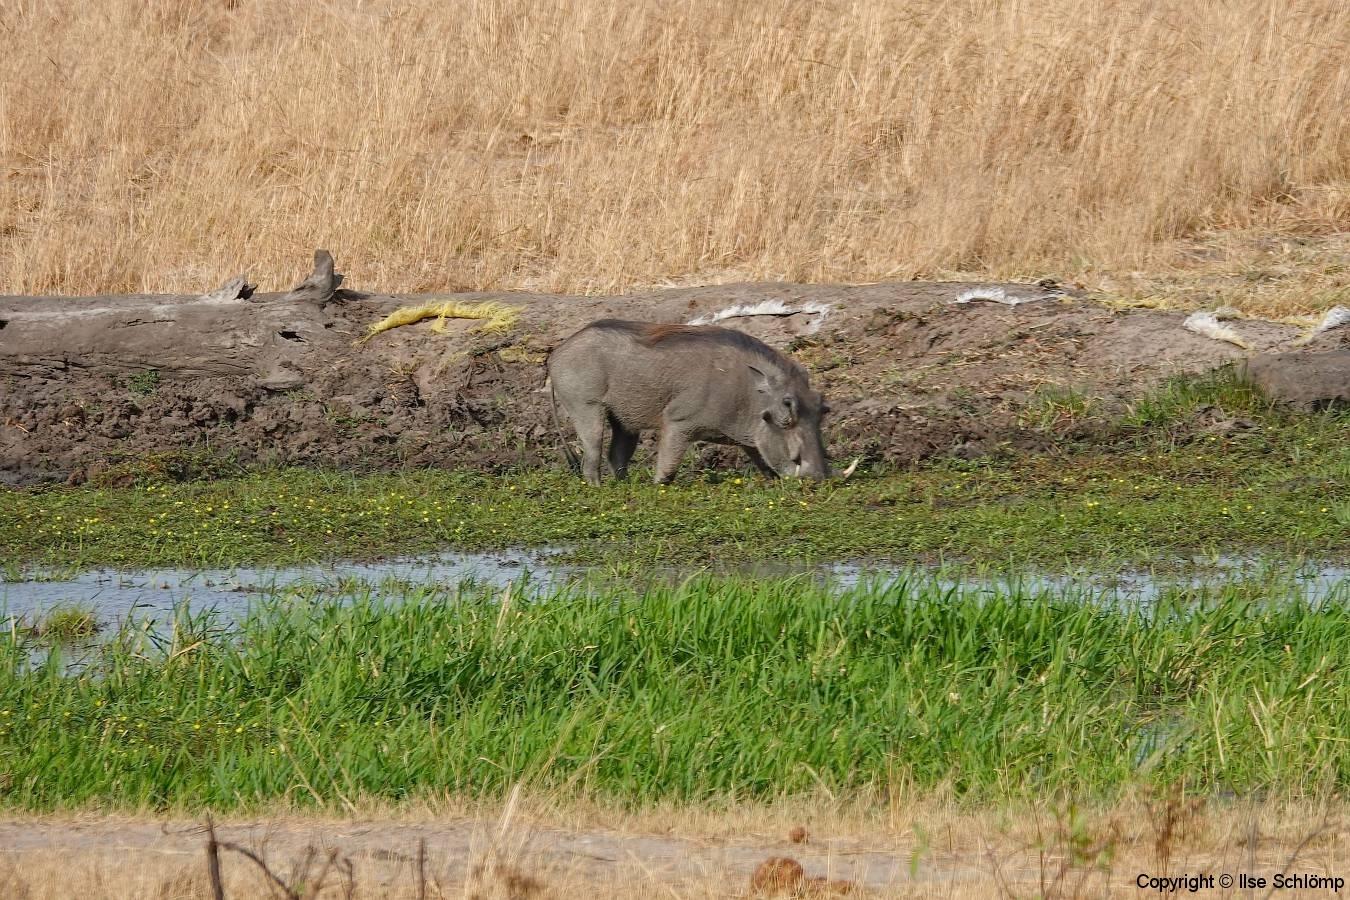 Simbabwe, Hwange Nationalpark, Elephants Eye, Warzenschwein